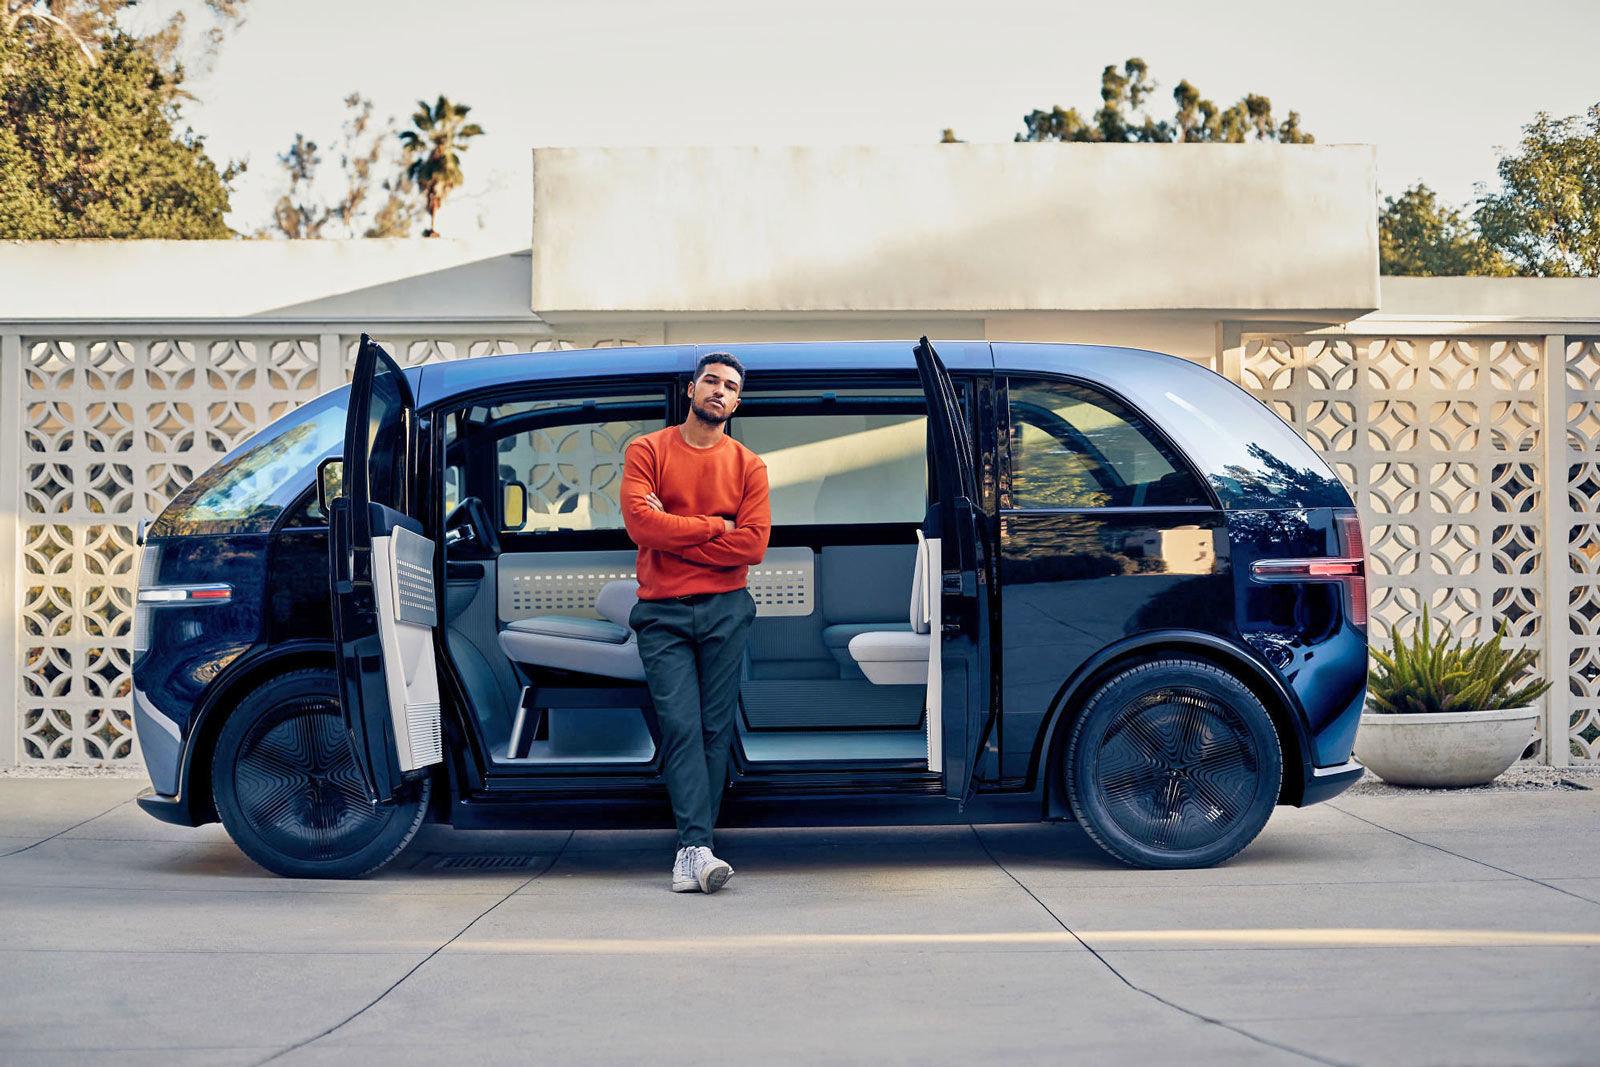 ผู้ชายใส่เสื้อแขนยาวสีส้ม กางเกงสีเขียว รองเท้าผ้าใบสีขาว กำลังยืนกอดอกอยู่ข้างรถตู้สีดำ Canoo ที่เปิดประตูอยู่